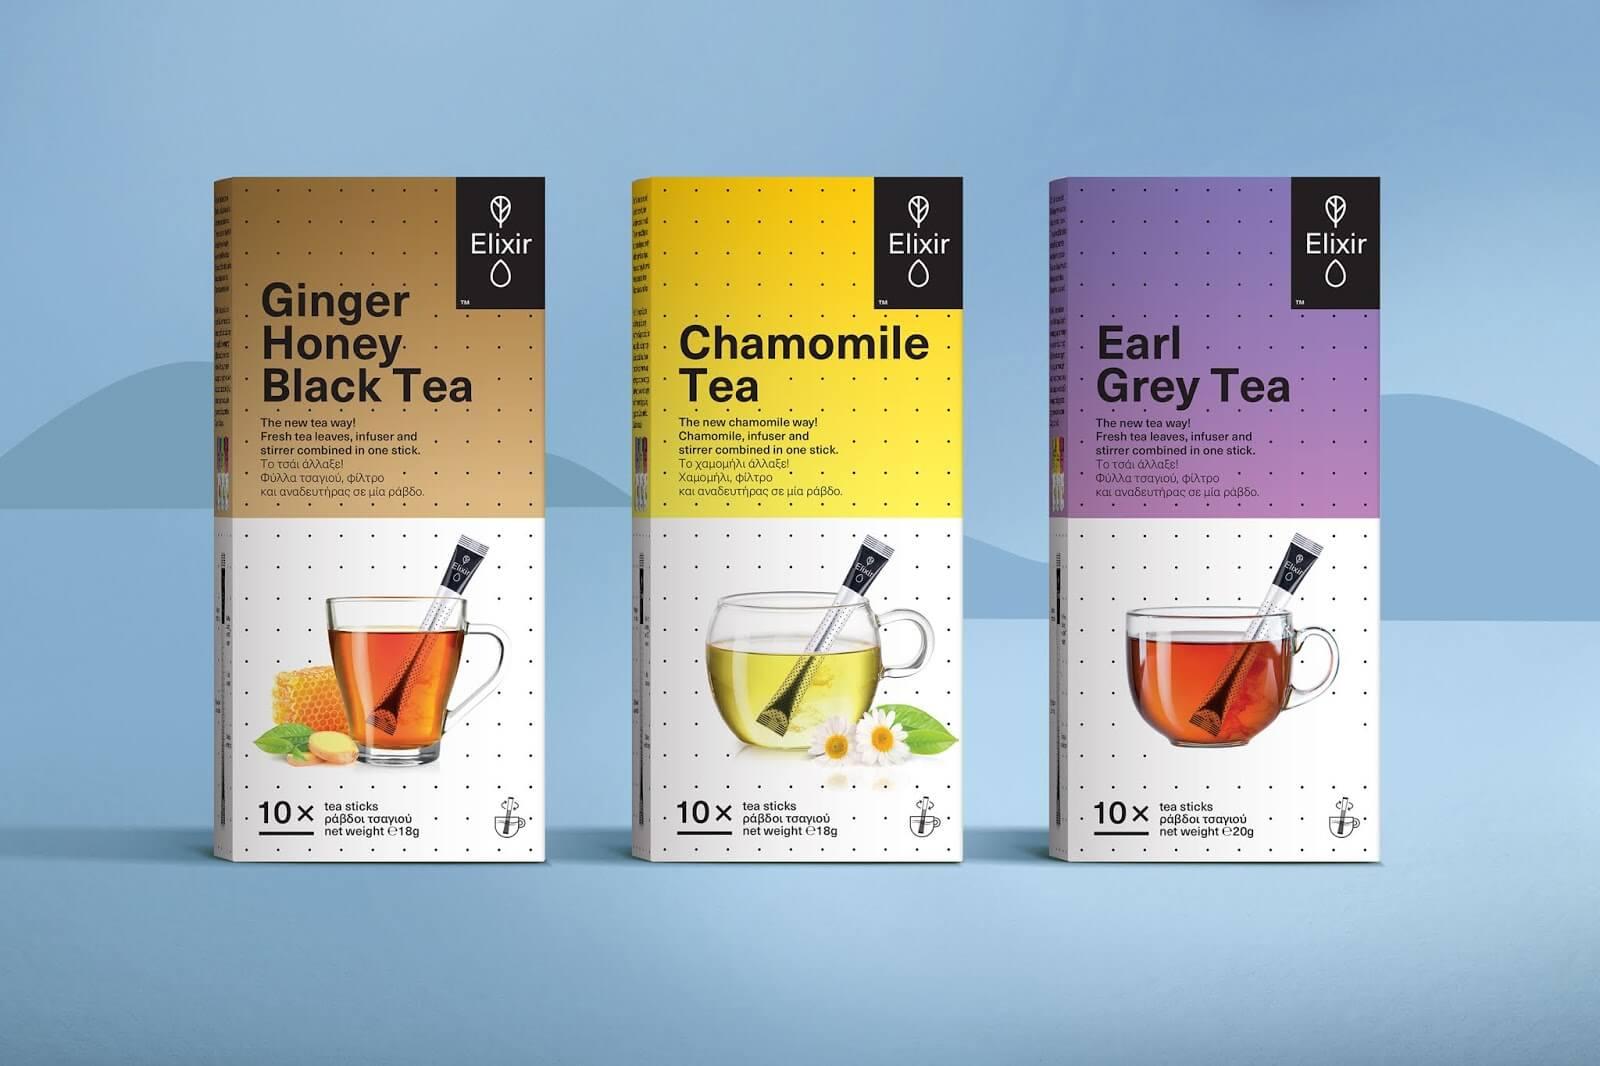 elixir teasticks 07 - Ach, tie obaly - Elixir Teasticks